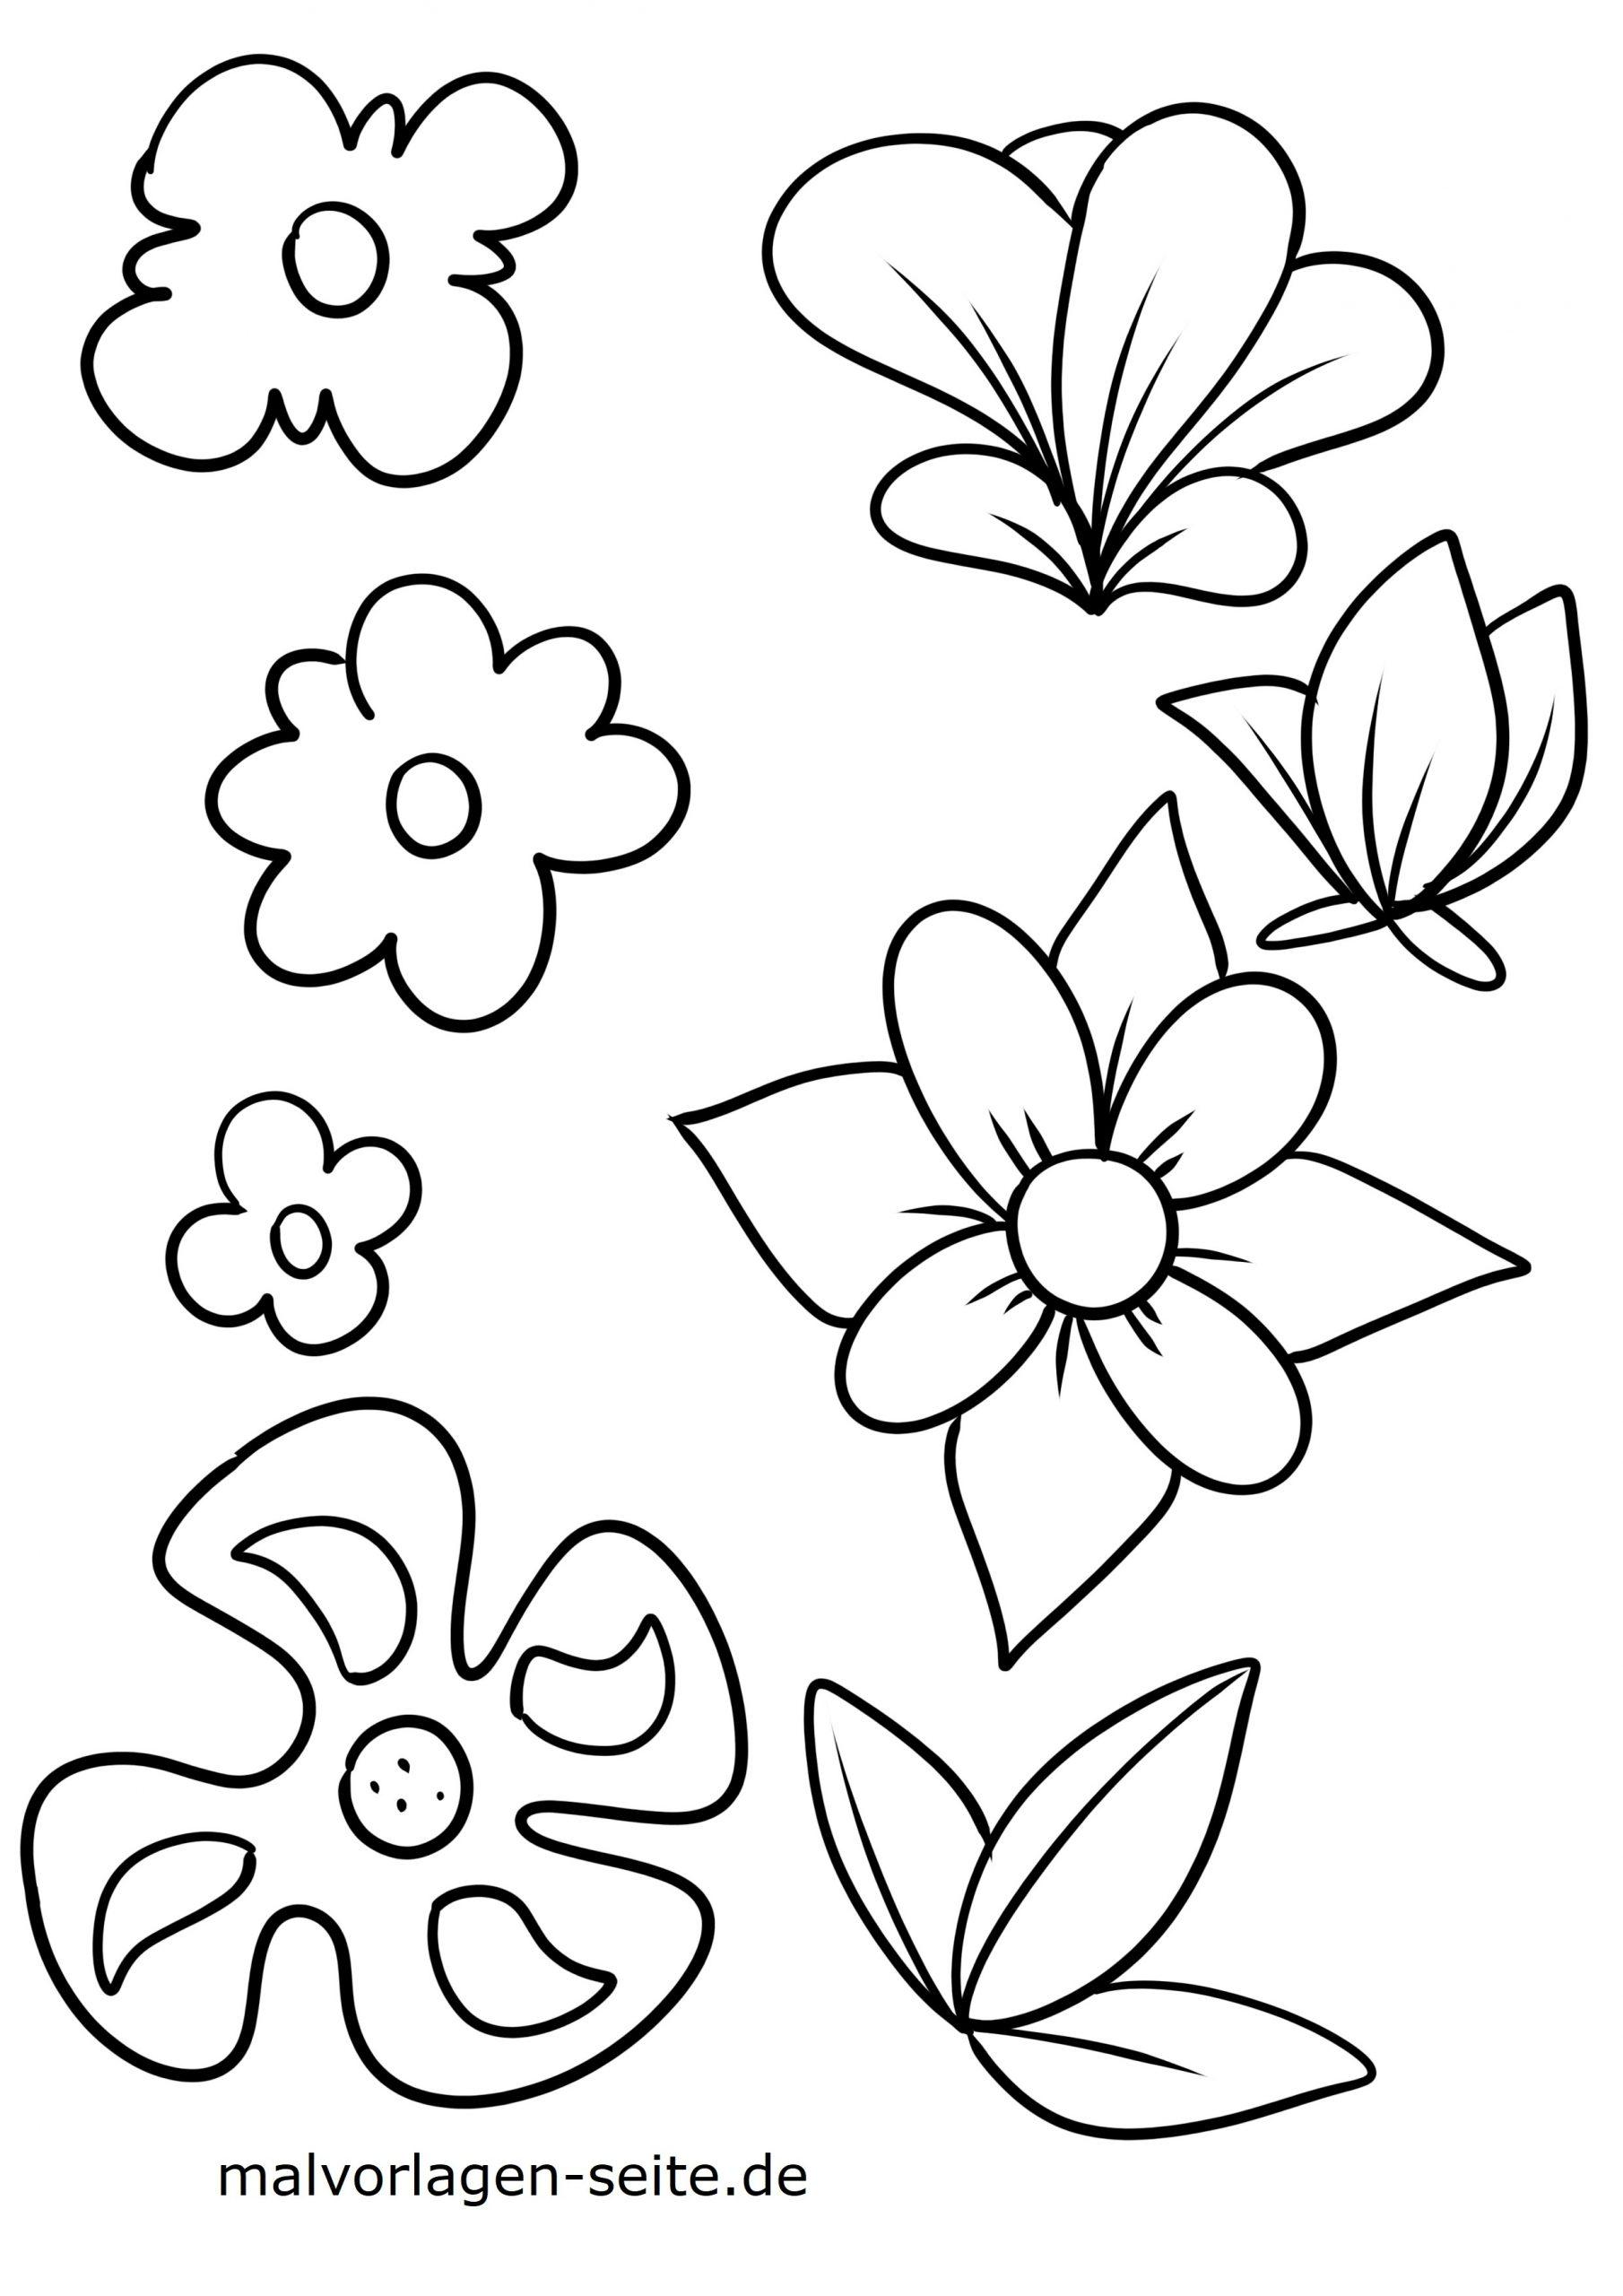 Malvorlage Blumen Blüten - Ausmalbilder Kostenlos Herunterladen ganzes Blumen Vorlagen Zum Malen